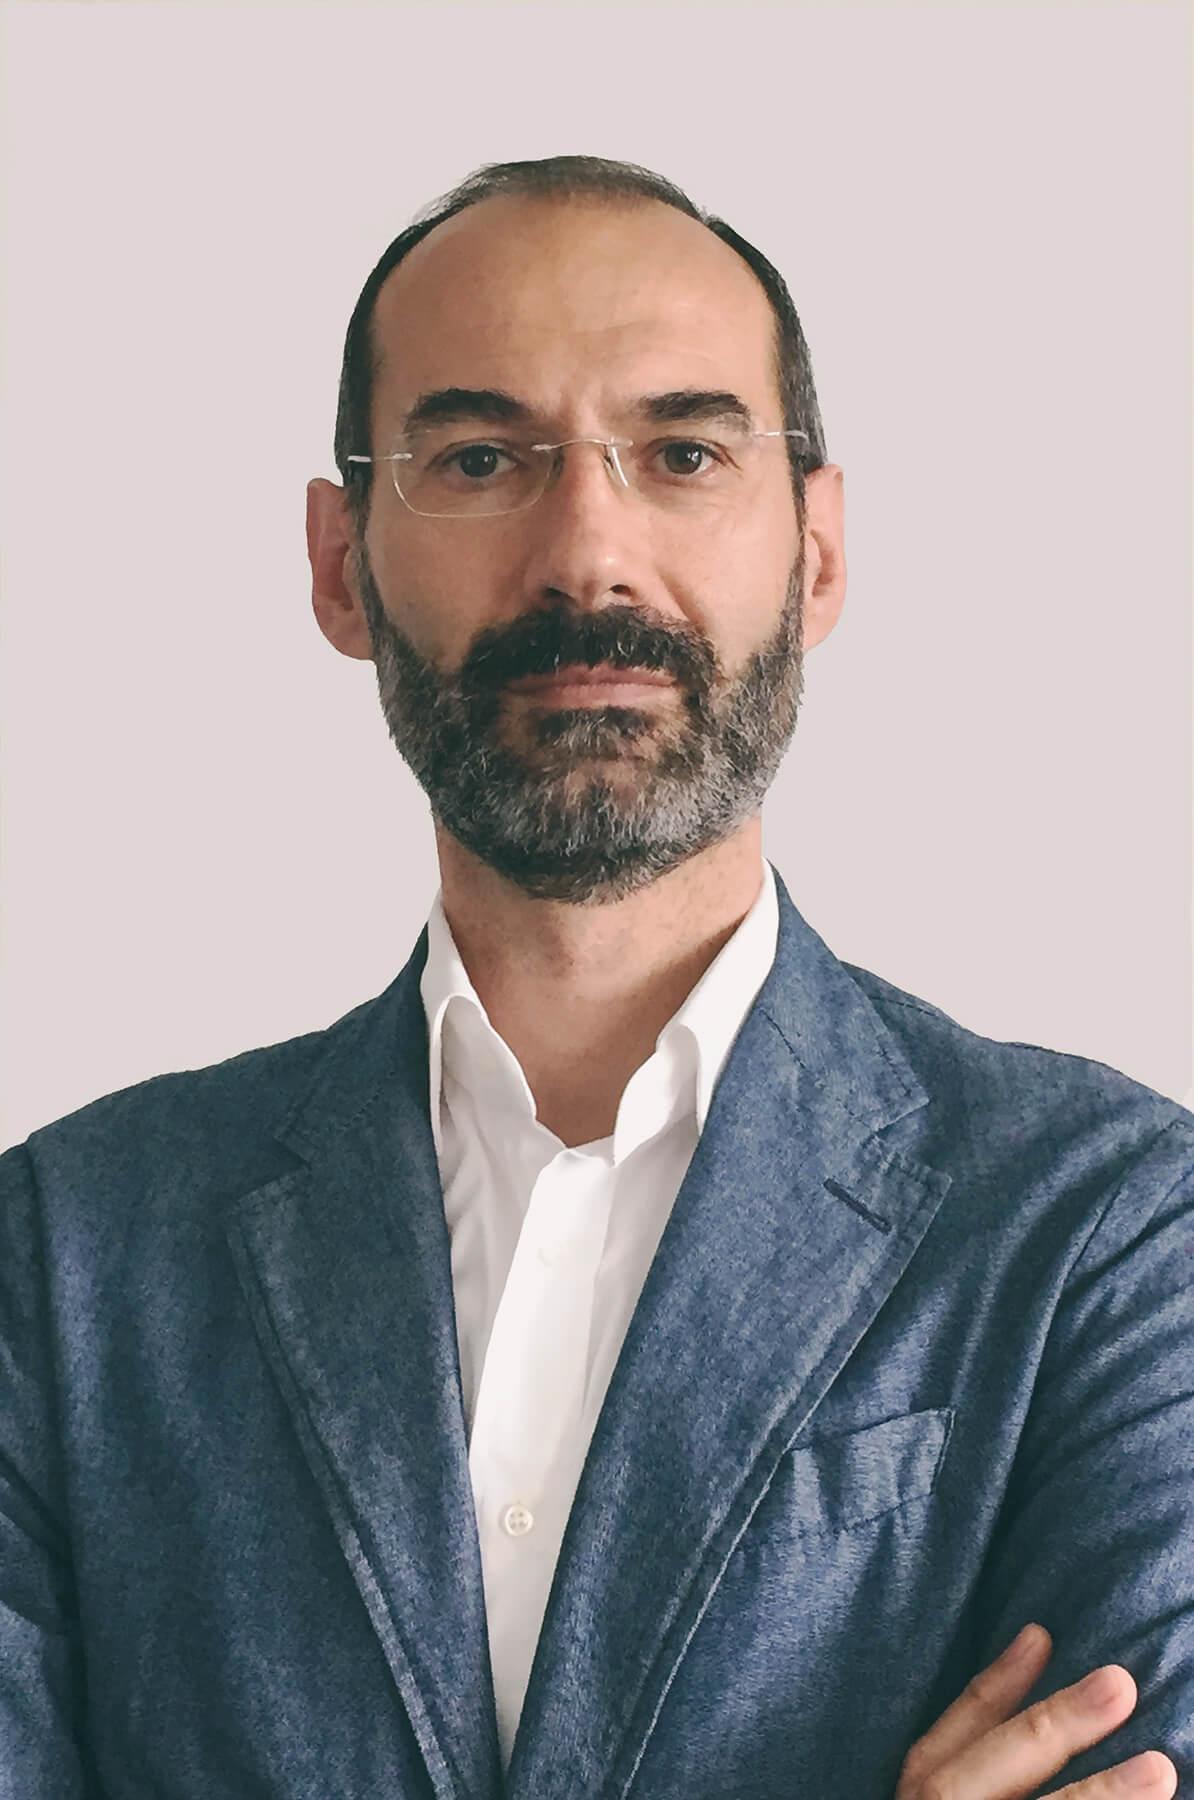 Leonardo Piccolo